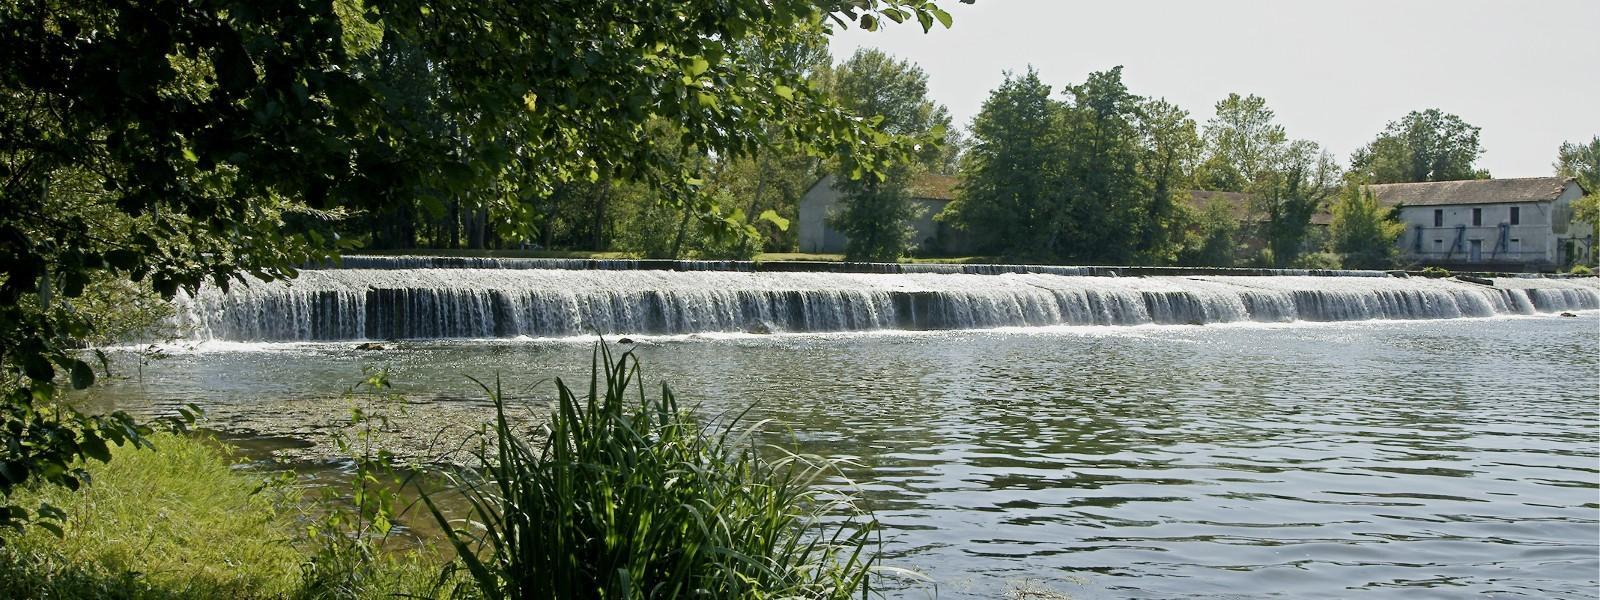 Moulin-de-Seguinou-Barraud-e1451296031428